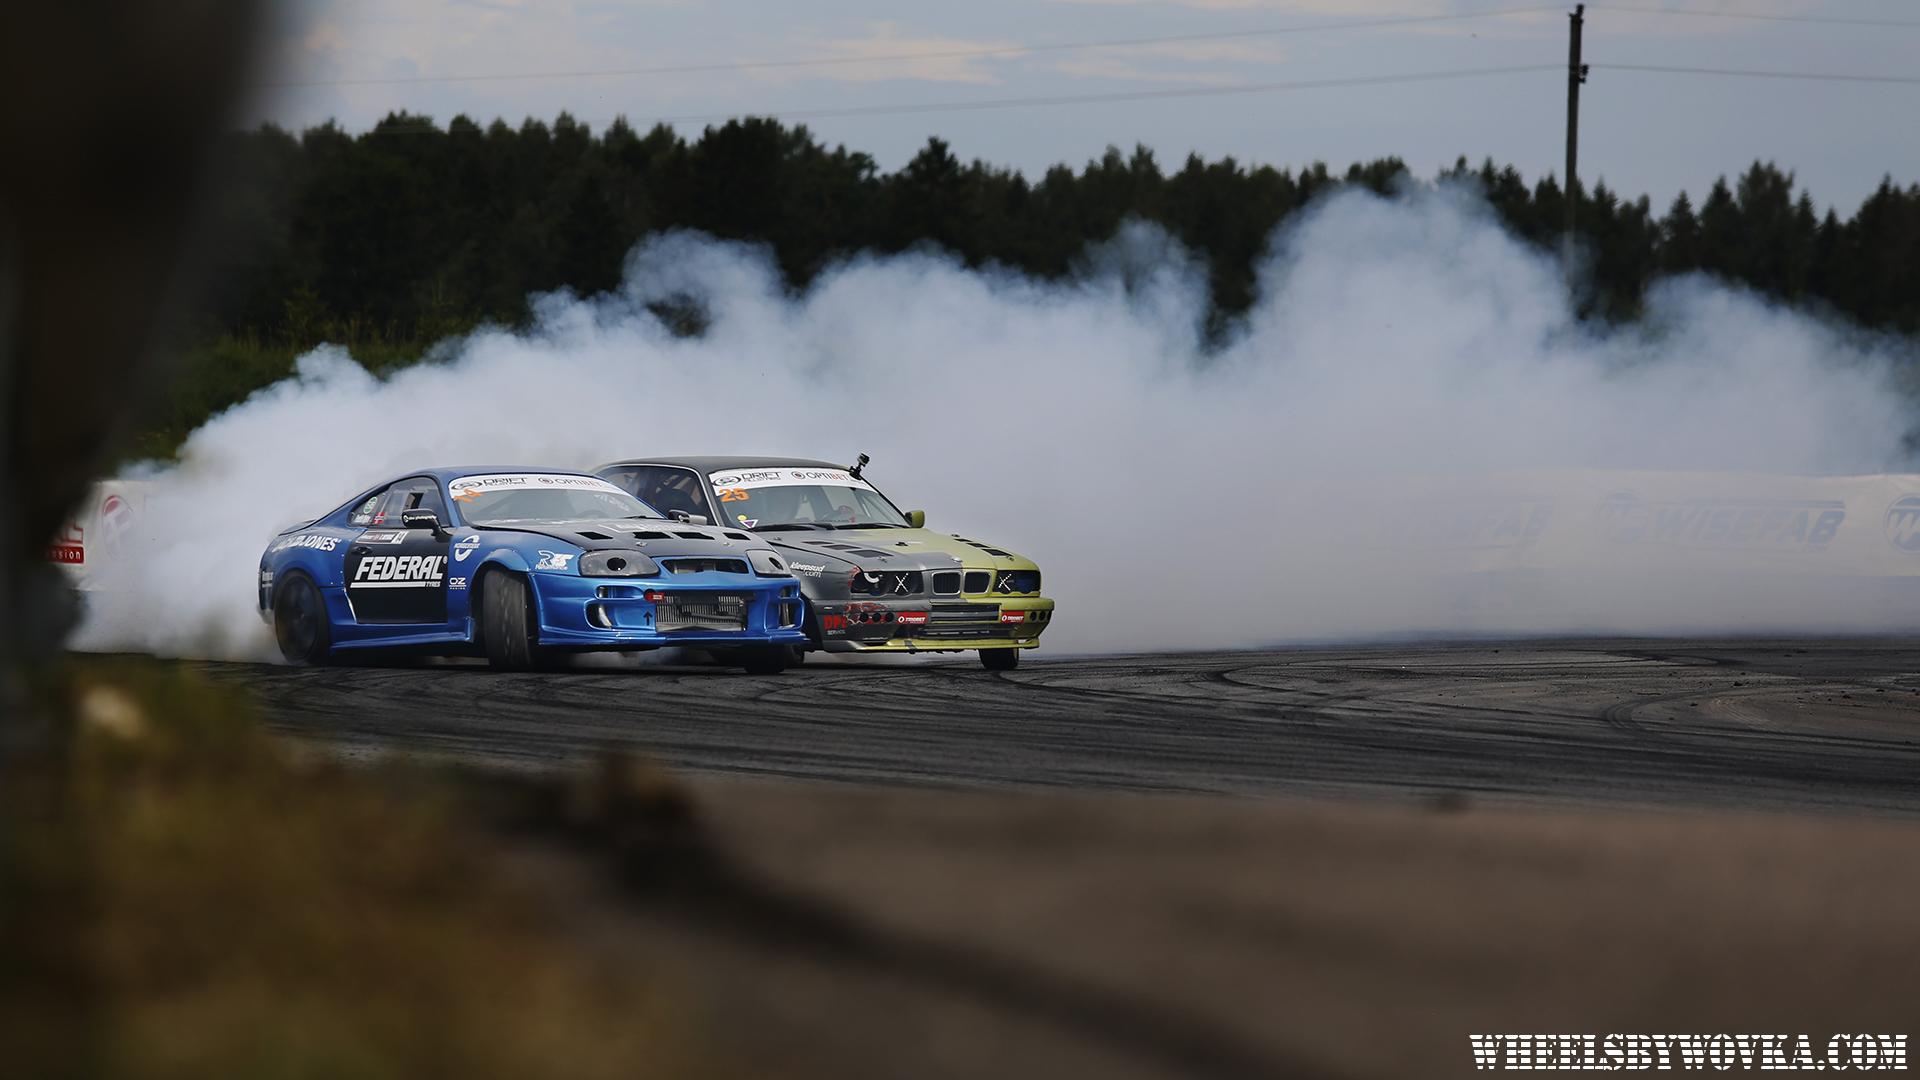 drift-allstars-estonia-wheelsbywovka-vladimir-ljadov-4